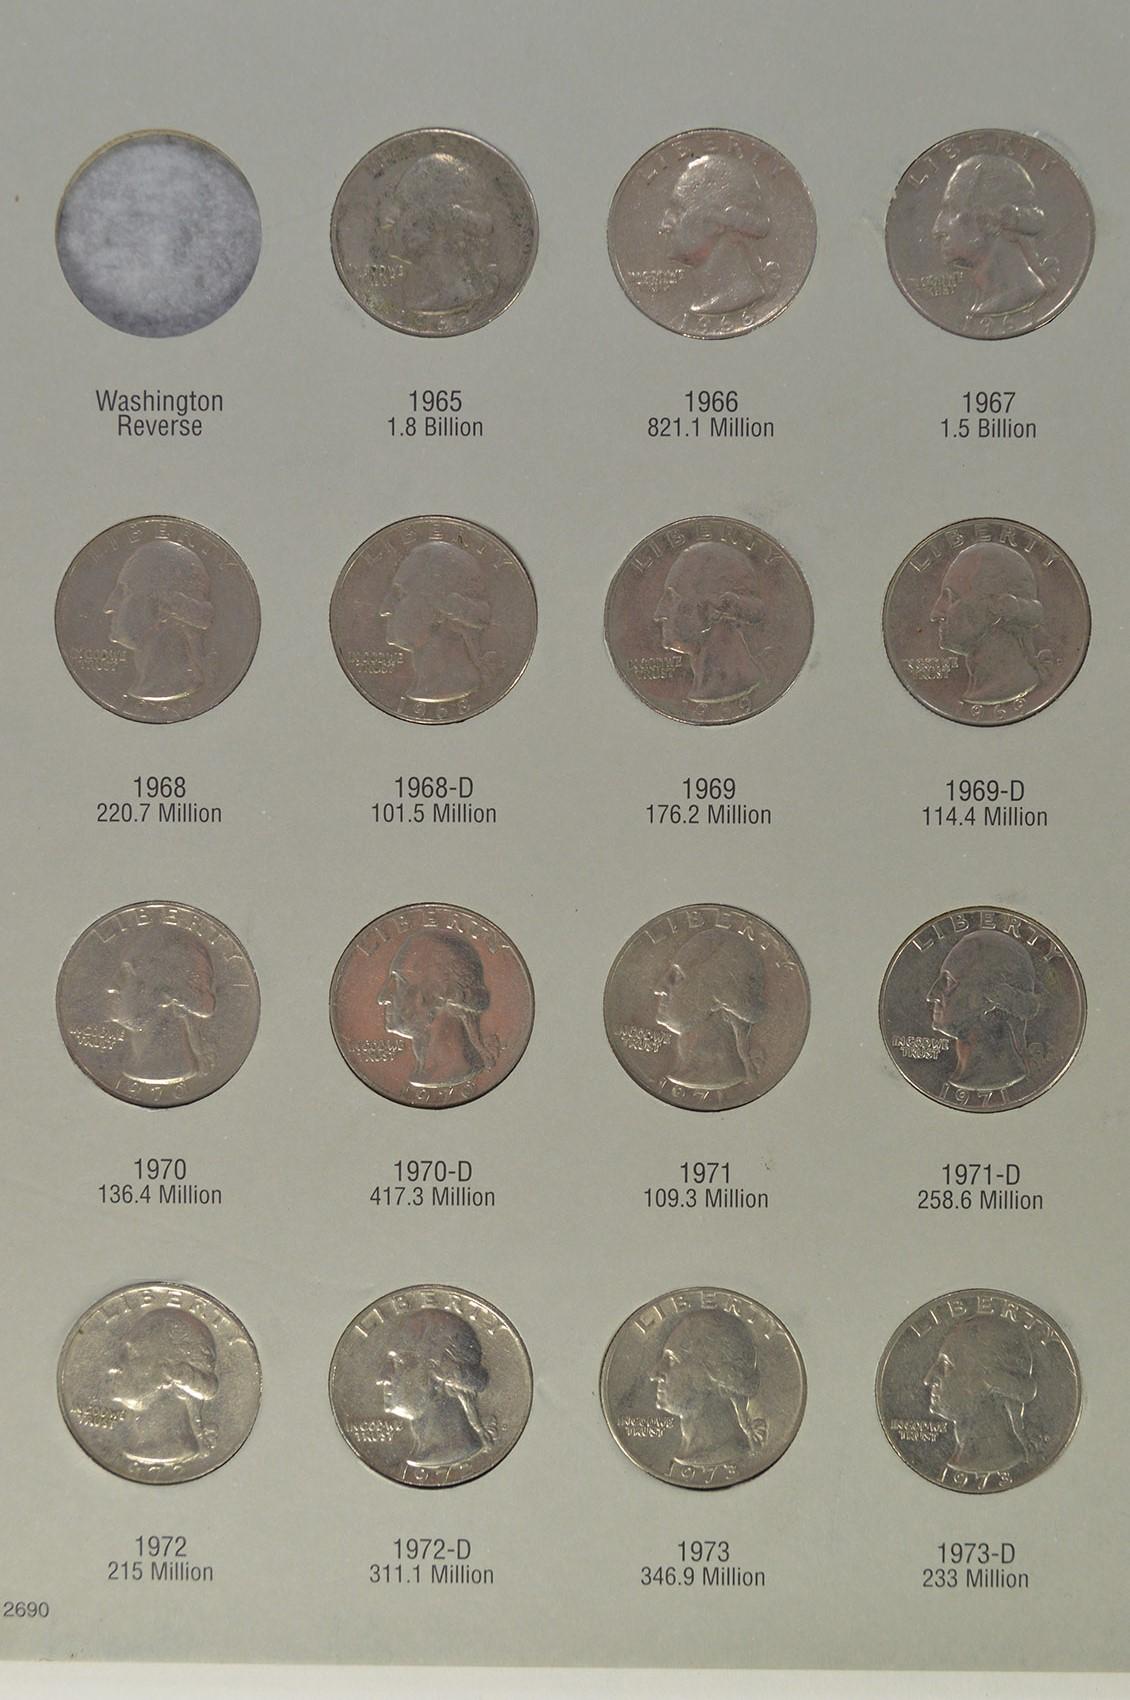 Washington Quarter Collection in Album - High Face Value Dollar